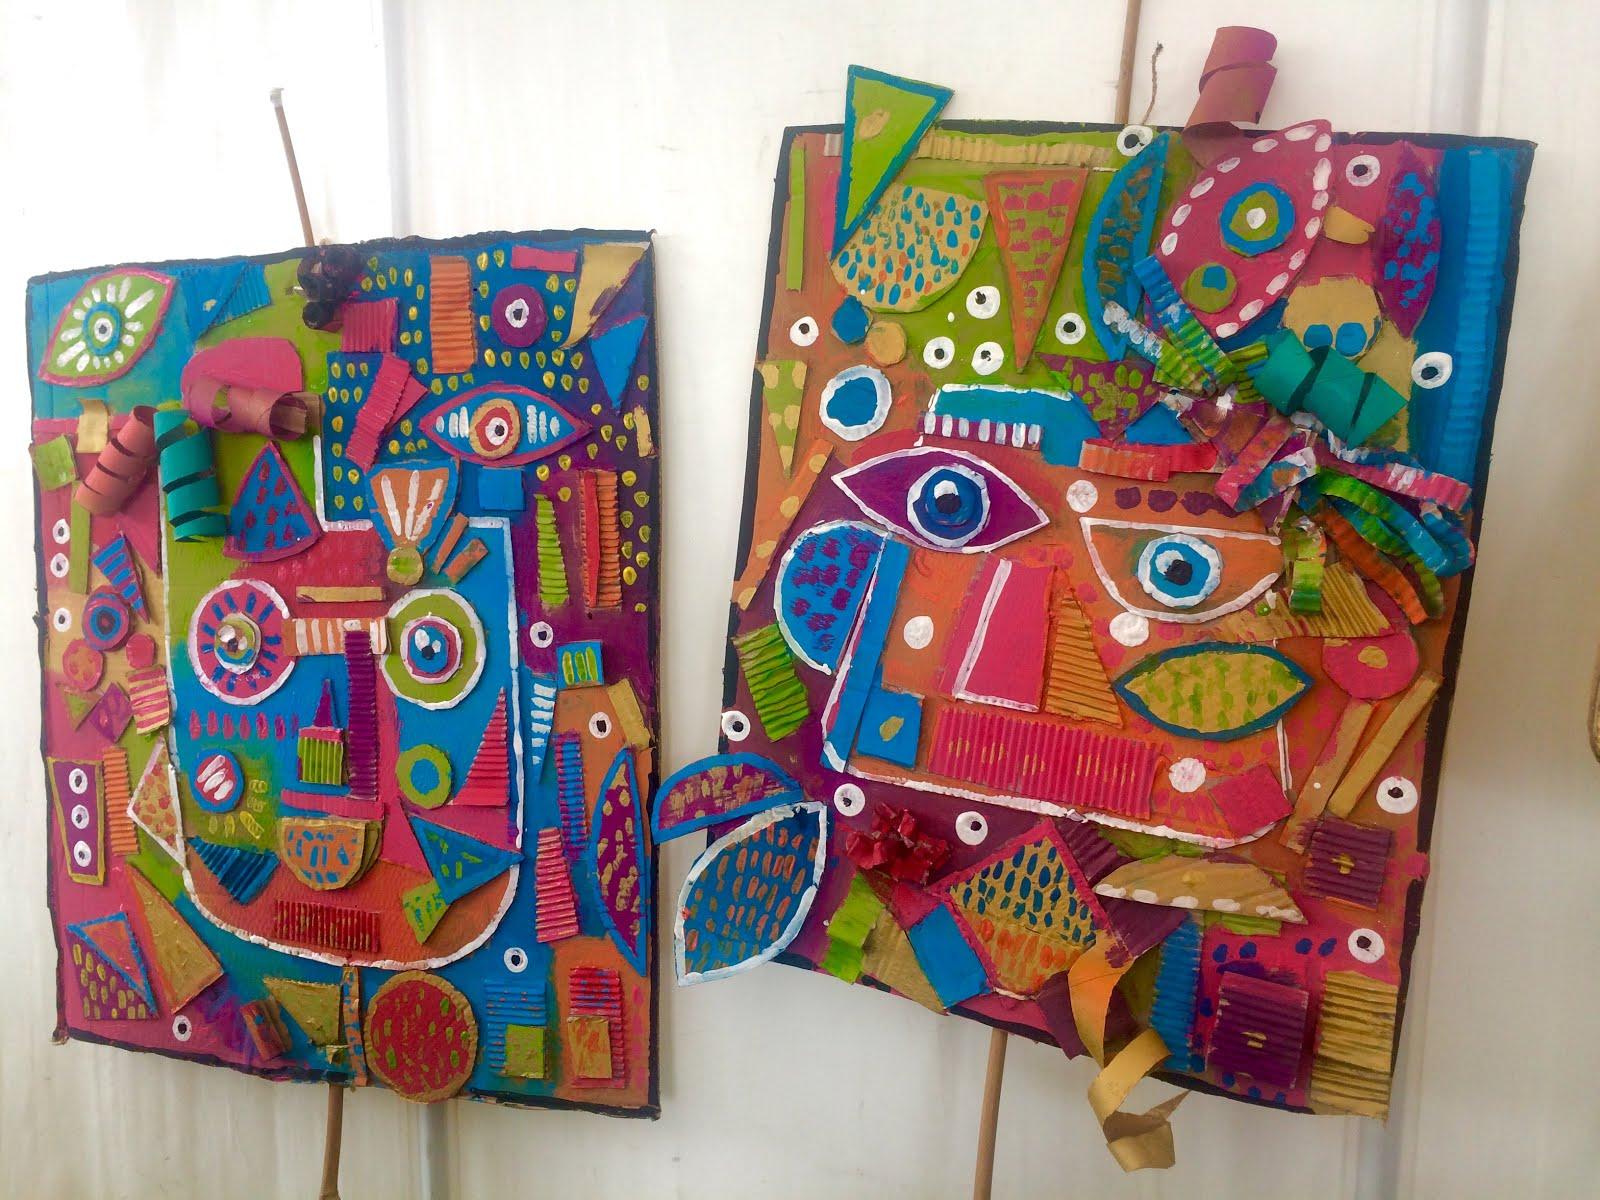 Les Ateliers Artifun Atelier D Arts Plastiques Et Loisirs Creatifs En Guadeloupe Grands Masques Carnaval 2019